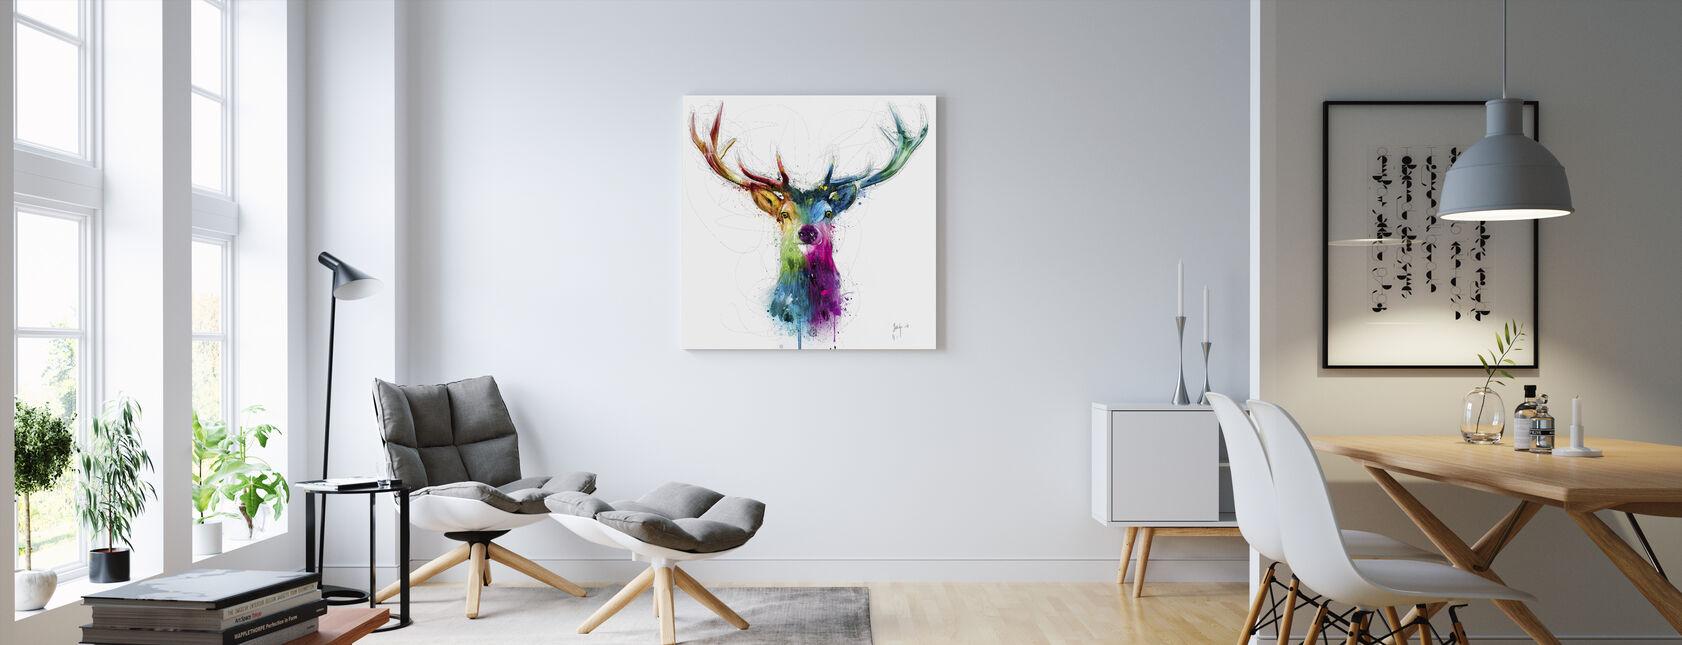 Gratis och vild - Canvastavla - Vardagsrum